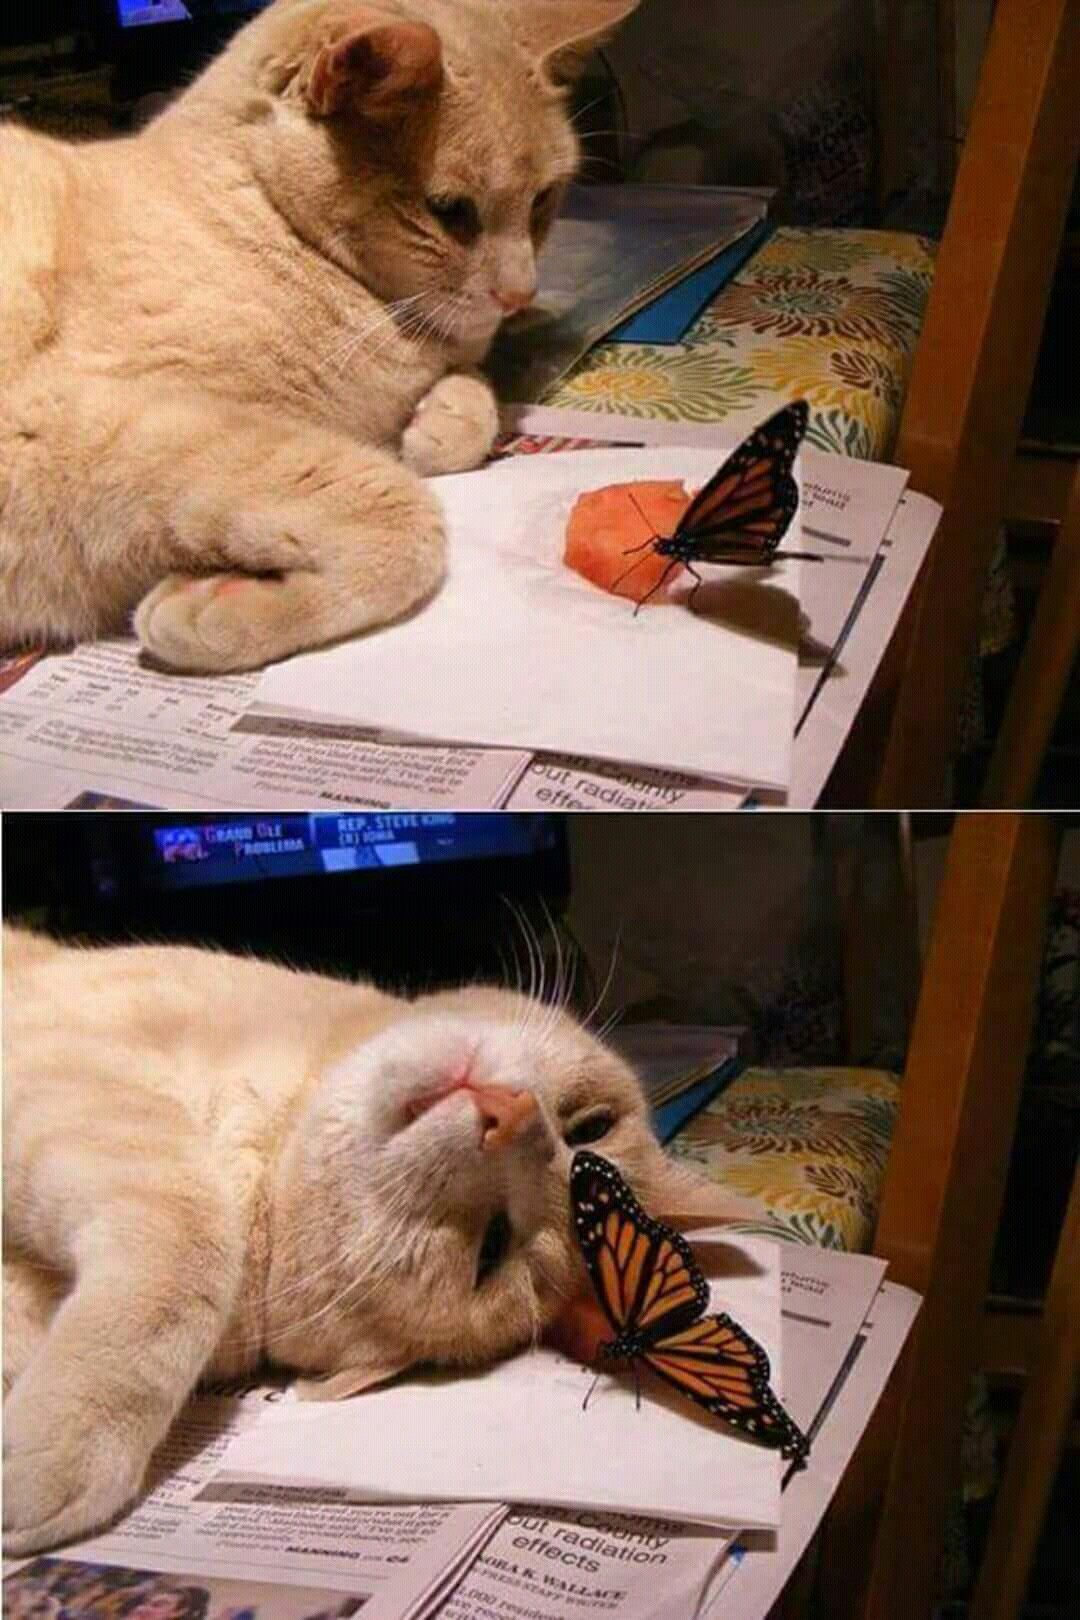 So lovely cat